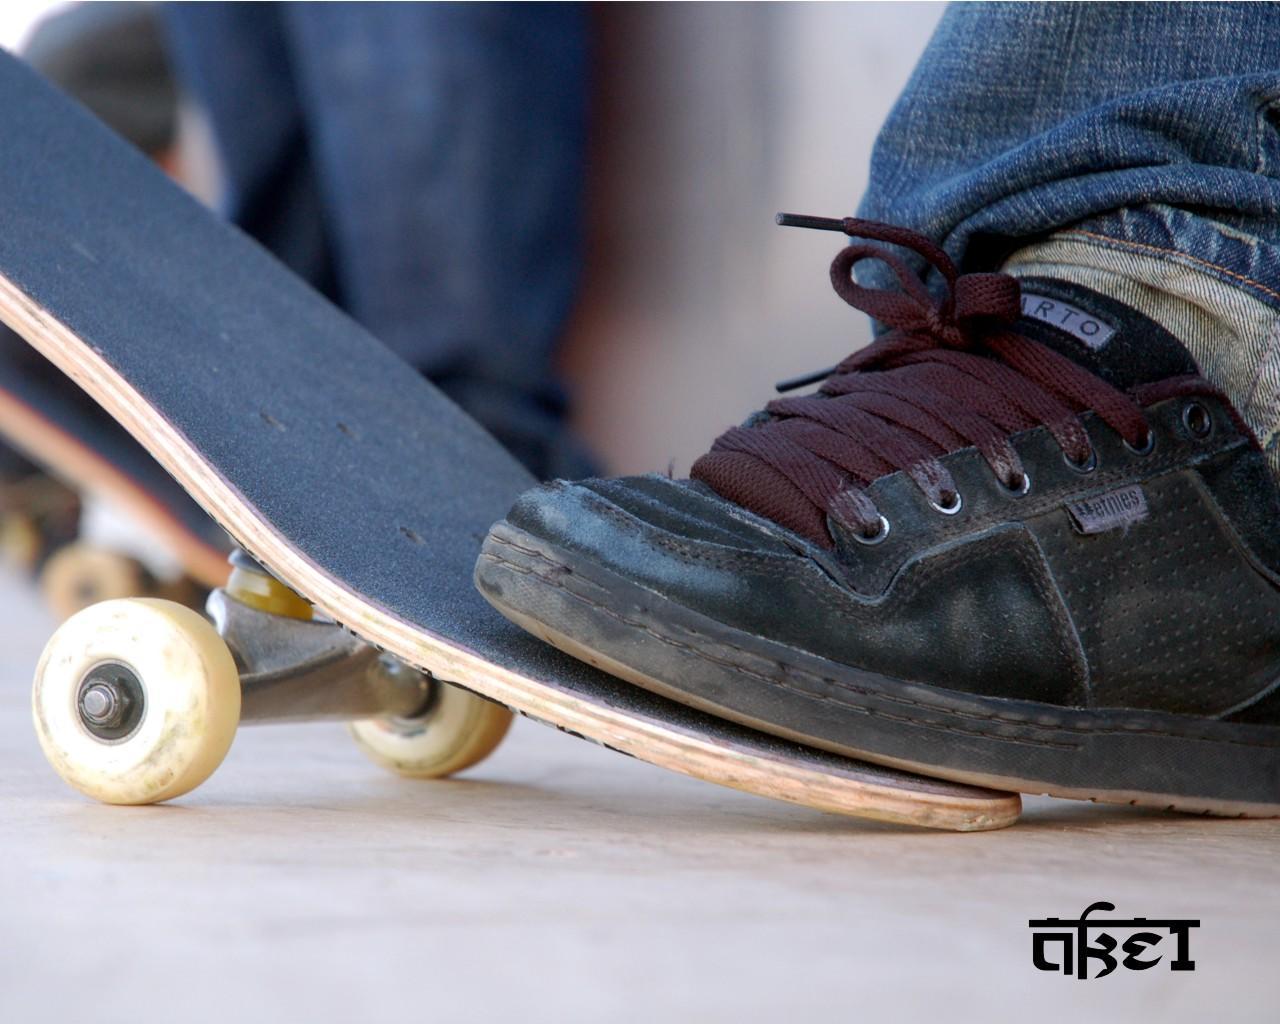 http://2.bp.blogspot.com/-7m67L5SWl0U/ThuhbUy2FqI/AAAAAAAAAAs/DLrcqOsylsw/s1600/skate.jpeg